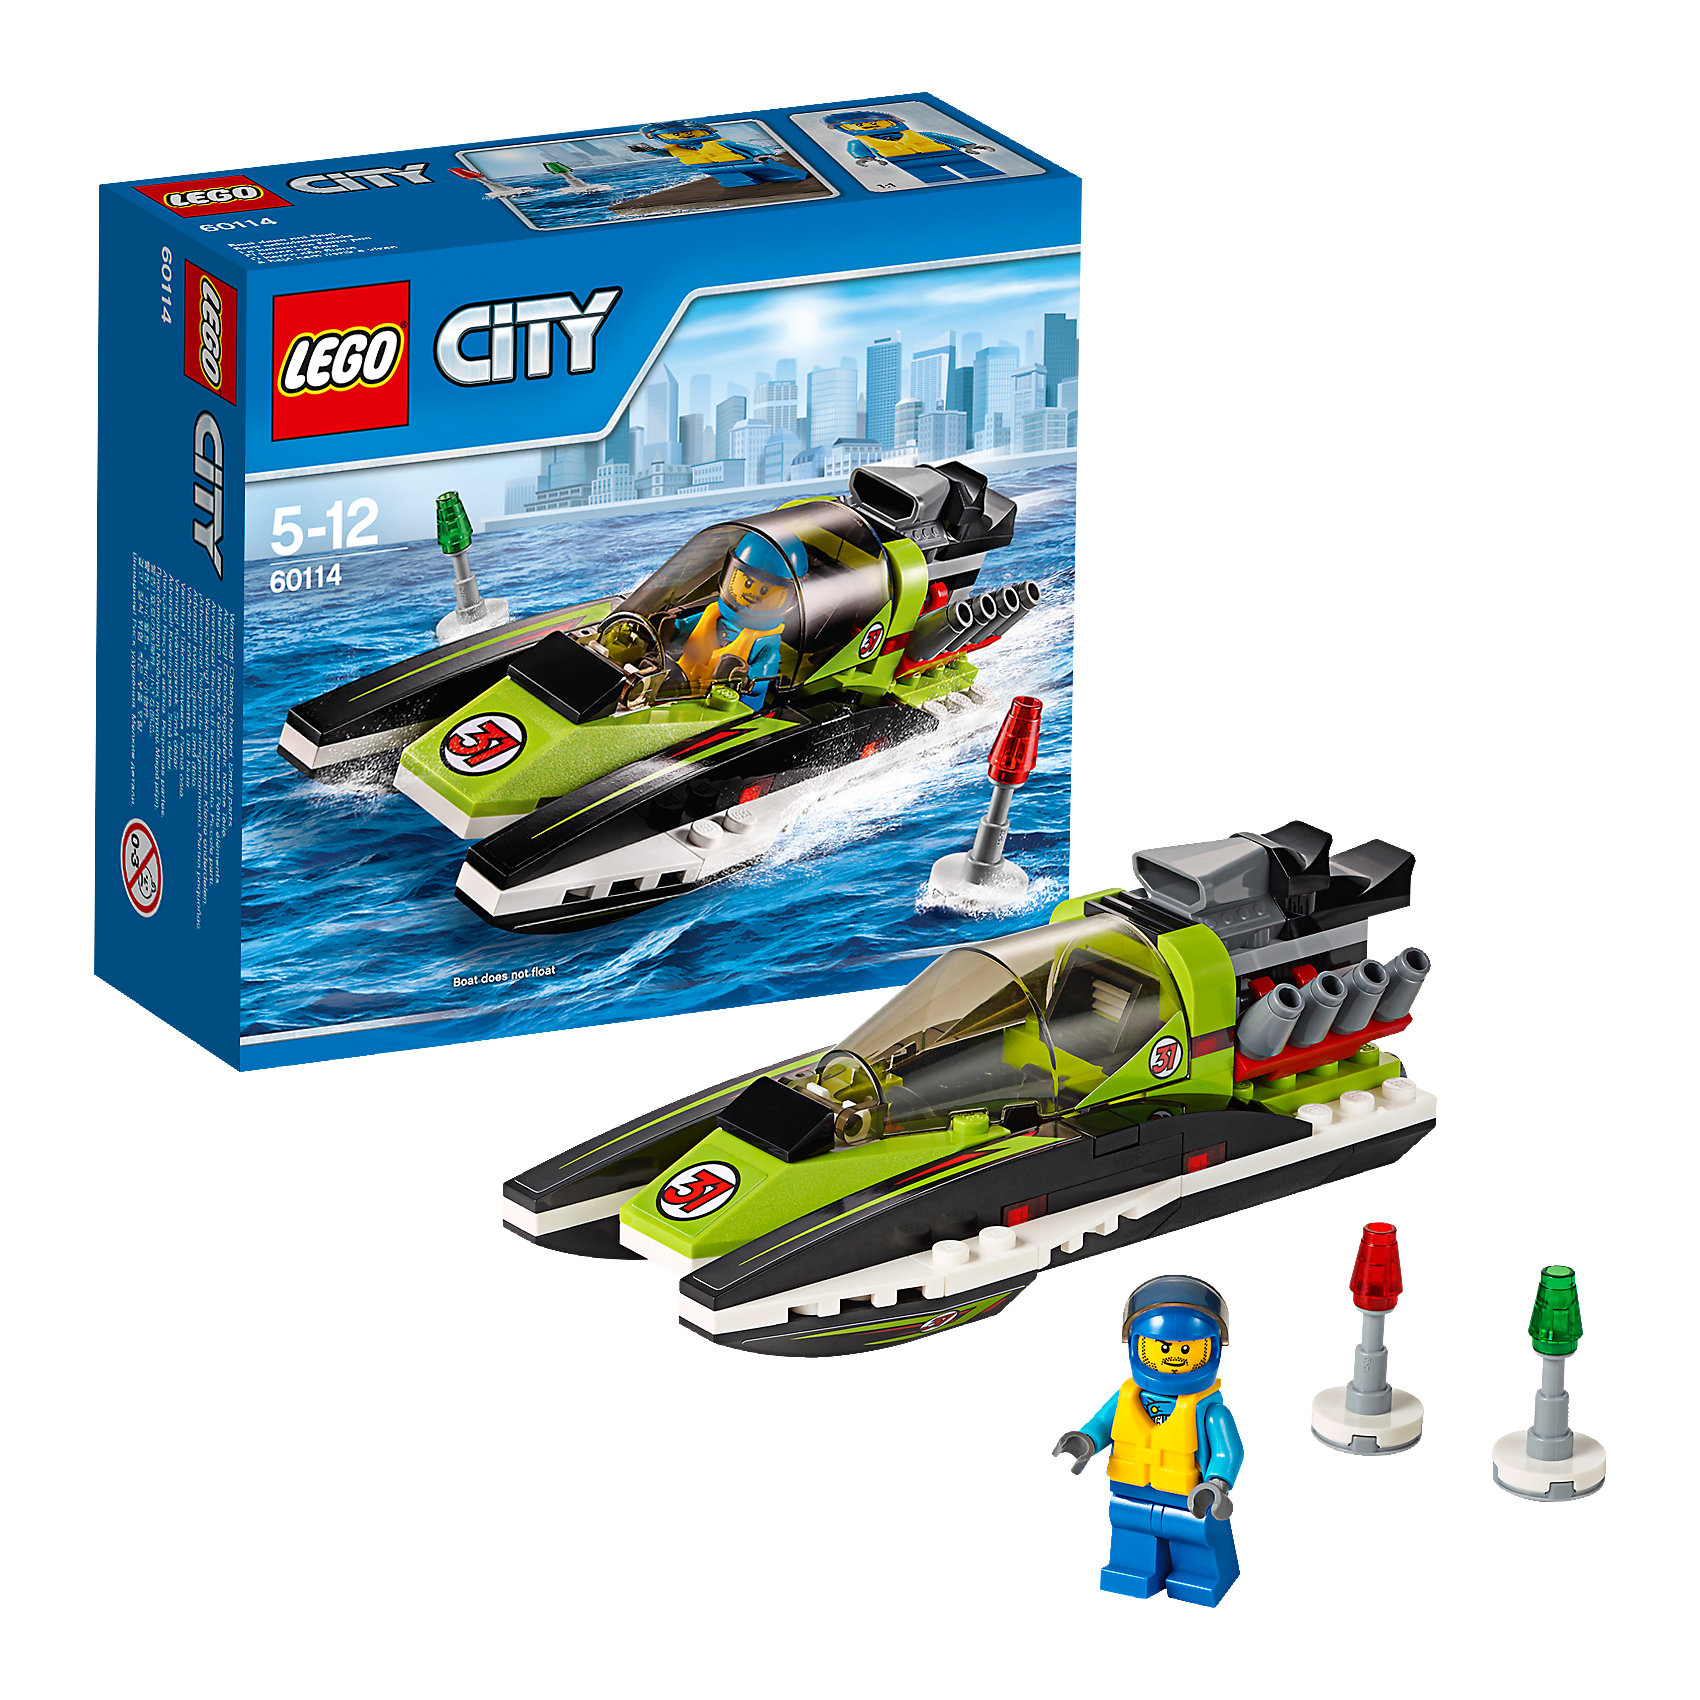 LEGO City 60114: Гоночный катерLEGO City (ЛЕГО Сити) 60114: Гоночный катер станет прекрасным подарком для юных любителей конструирования. Заводи мотор Гоночного катера и готовься к большой гонке! Мчись по воде как можно быстрее, но следи за тем, чтобы не вылететь за буйки. Обтекаемый корпус катера состоит из чёрно-зеленых деталей и украшен наклейками. В центральной части модели находится кабина водителя с вытянутым лобовым стеклом, сиденьем и рулем. В передней части с обеих сторон расположены полозья, выполняющие функцию поплавков. Мощный мотор на корме катера обеспечивает ему высокую скорость и победу в гонках. В комплект также входят два буйка и минифигурка гонщика.  <br><br>Серия конструкторов  LEGO City позволяет почувствовать себя инженером и архитектором, строителем или мэром города. Вы можете создавать свой город мечты, развивать городскую инфраструктуру, строить дороги и здания, управлять городским хозяйством и следить за порядком.<br>В игровых наборах с разнообразными сюжетами много интересных персонажей, оригинальных объектов и городской техники. Это уникальная возможность для ребенка развивать фантазию и логическое мышление, узнавать и осваивать разные профессии.<br><br>Дополнительная информация:<br><br>- Игра с конструктором LEGO (ЛЕГО) развивает мелкую моторику ребенка, фантазию и воображение, учит его усидчивости и внимательности.<br>- Количество деталей: 95.<br>- Количество минифигур: 1.<br>- Серия: LEGO City (ЛЕГО Сити).<br>- Материал: пластик.<br>- Размер собранного катера: 5 х 13 х 6 см.<br>- Размер упаковки: 15,5 х 6 х 14 см.<br>- Вес: 0,16 кг.<br><br>LEGO City (ЛЕГО Сити) 60114: Гоночный катер можно купить в нашем интернет-магазине.<br><br>Ширина мм: 160<br>Глубина мм: 142<br>Высота мм: 63<br>Вес г: 162<br>Возраст от месяцев: 60<br>Возраст до месяцев: 144<br>Пол: Мужской<br>Возраст: Детский<br>SKU: 4259102